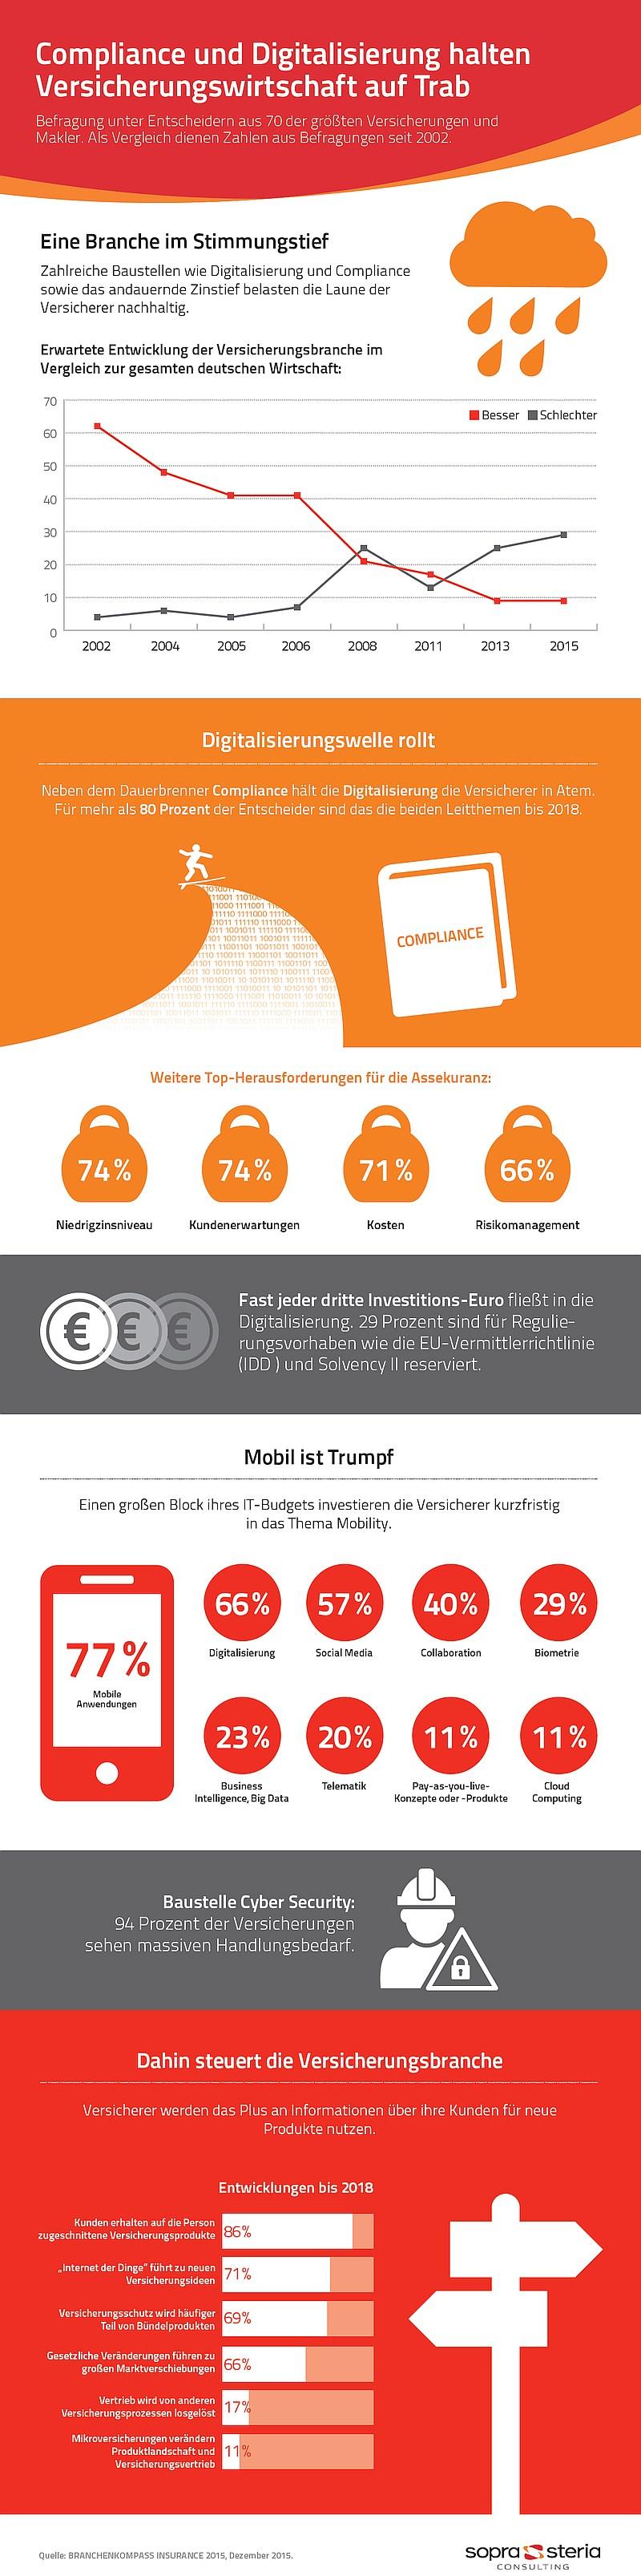 infografik sopra steria digitalisierung versicherungen